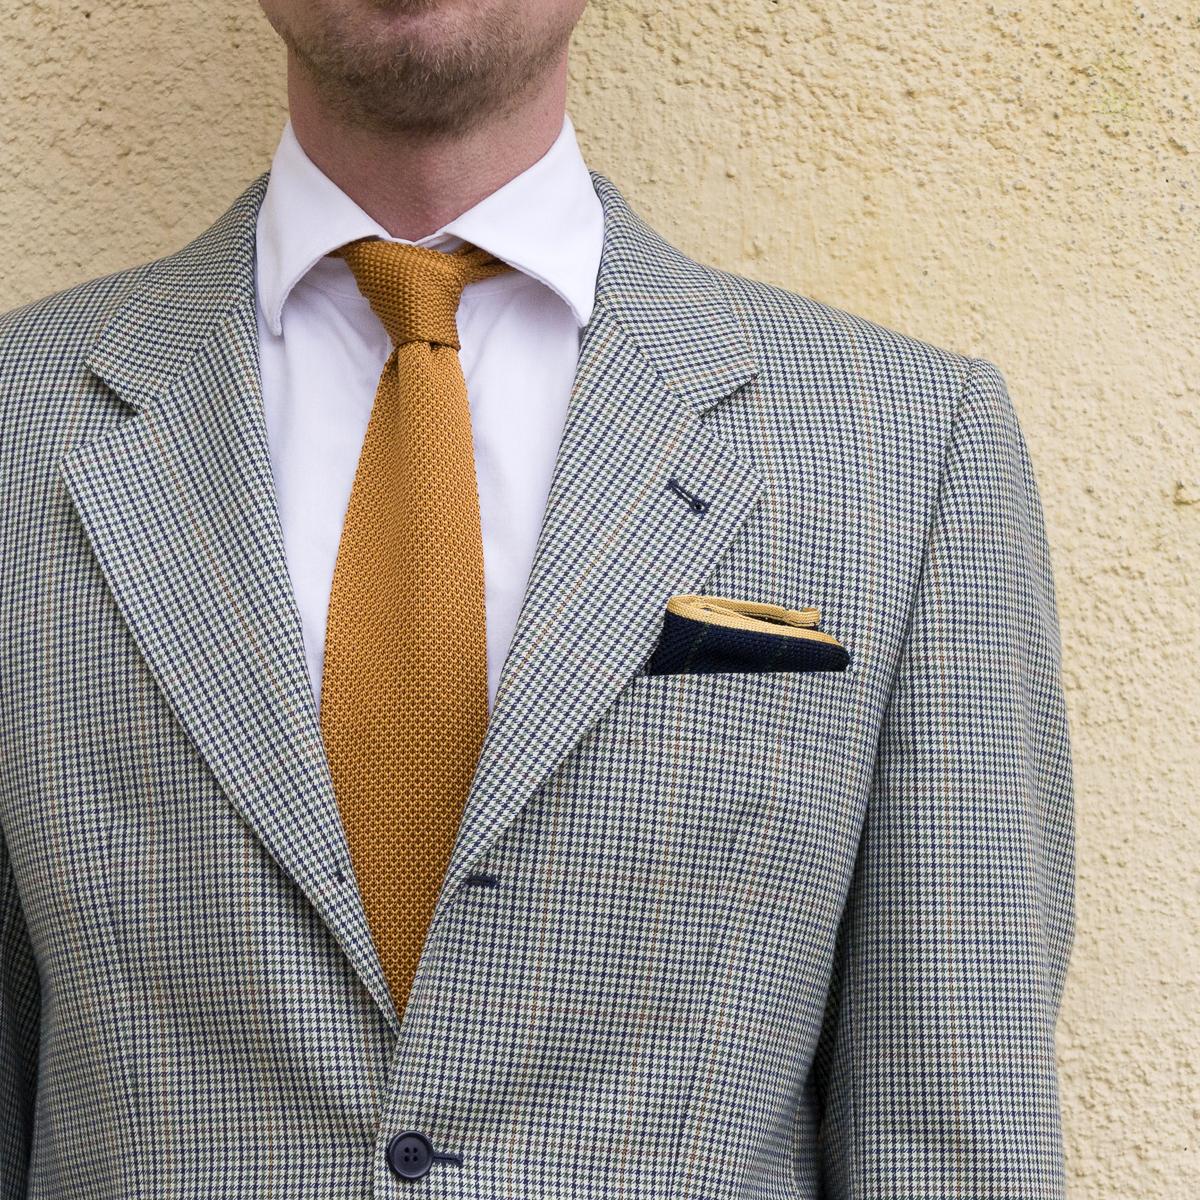 Aurelio classic necktie, Arild pocket square